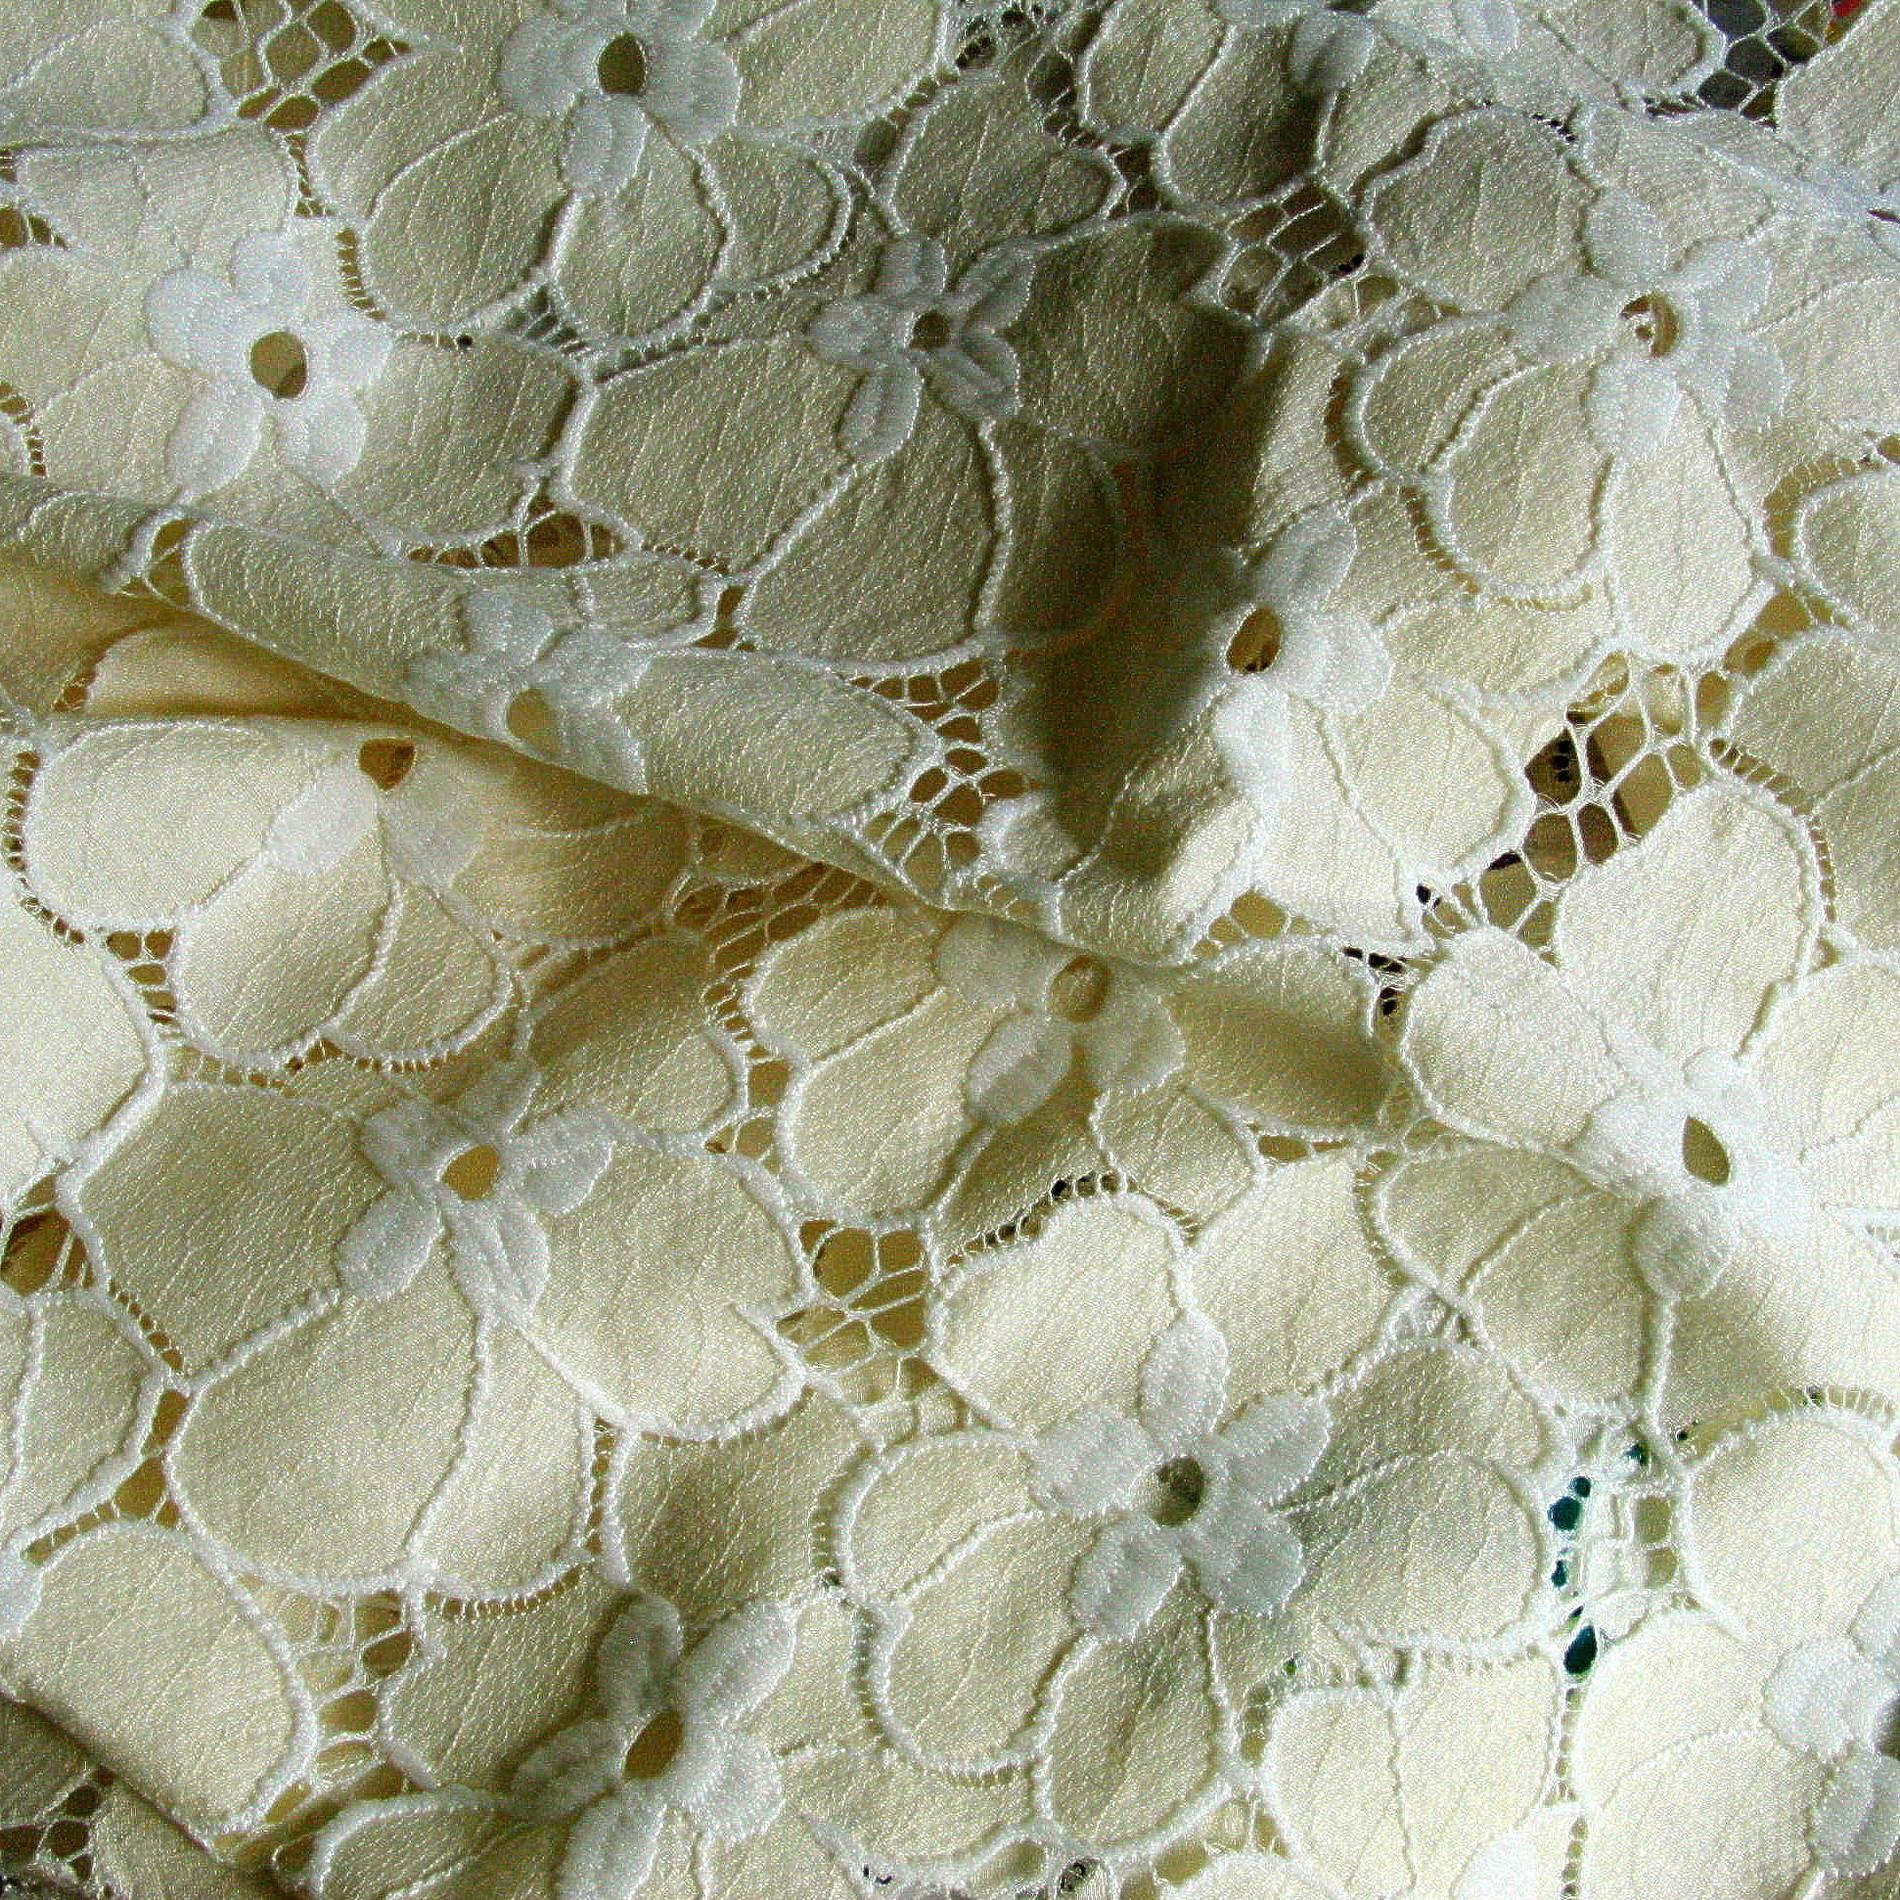 blumen spitze in creme wei bestickte spitzen pailletten raschel spitzen. Black Bedroom Furniture Sets. Home Design Ideas